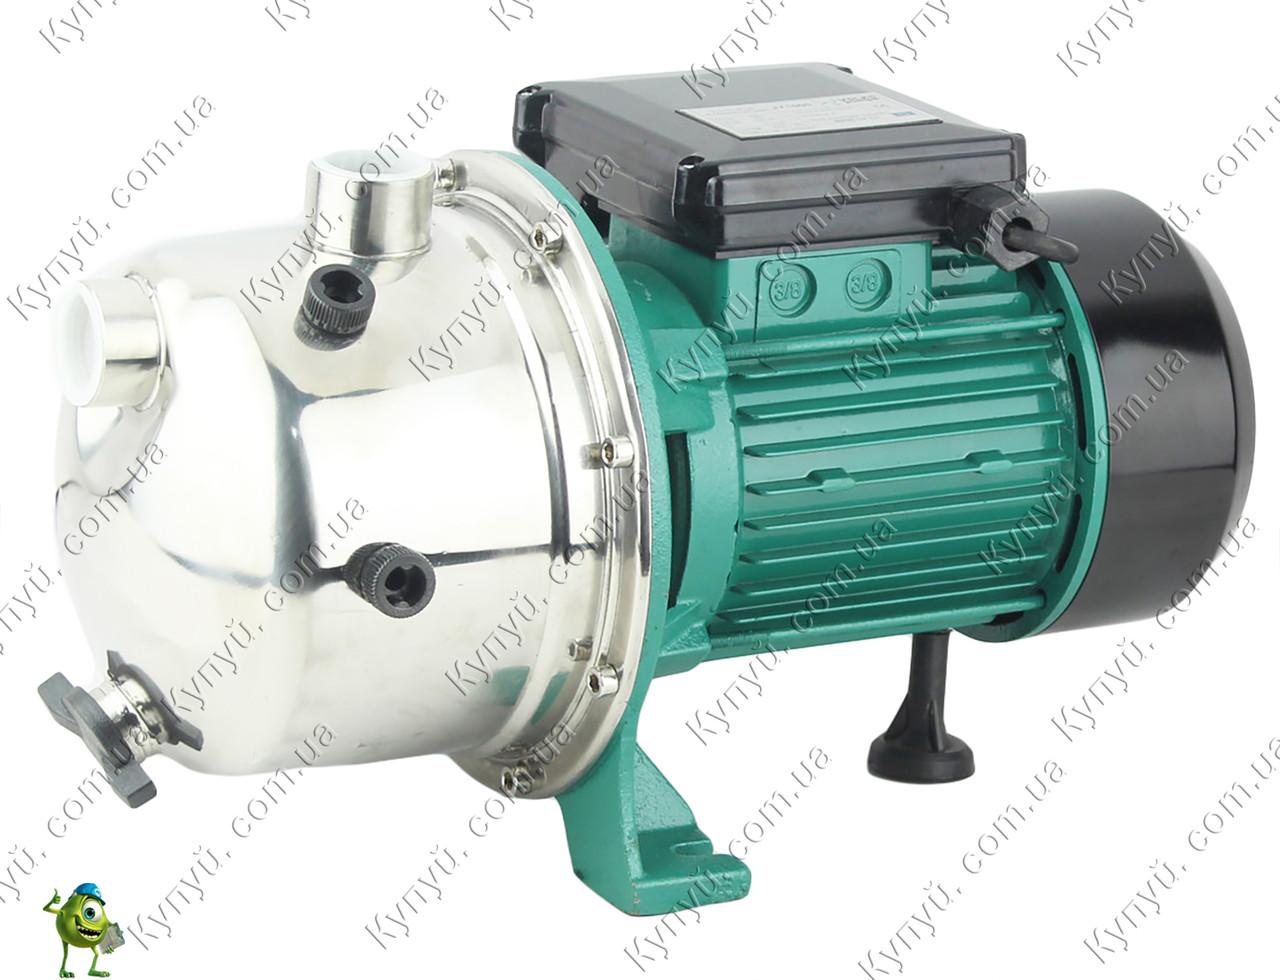 Насос центробежный Volks Pumpe JY1000